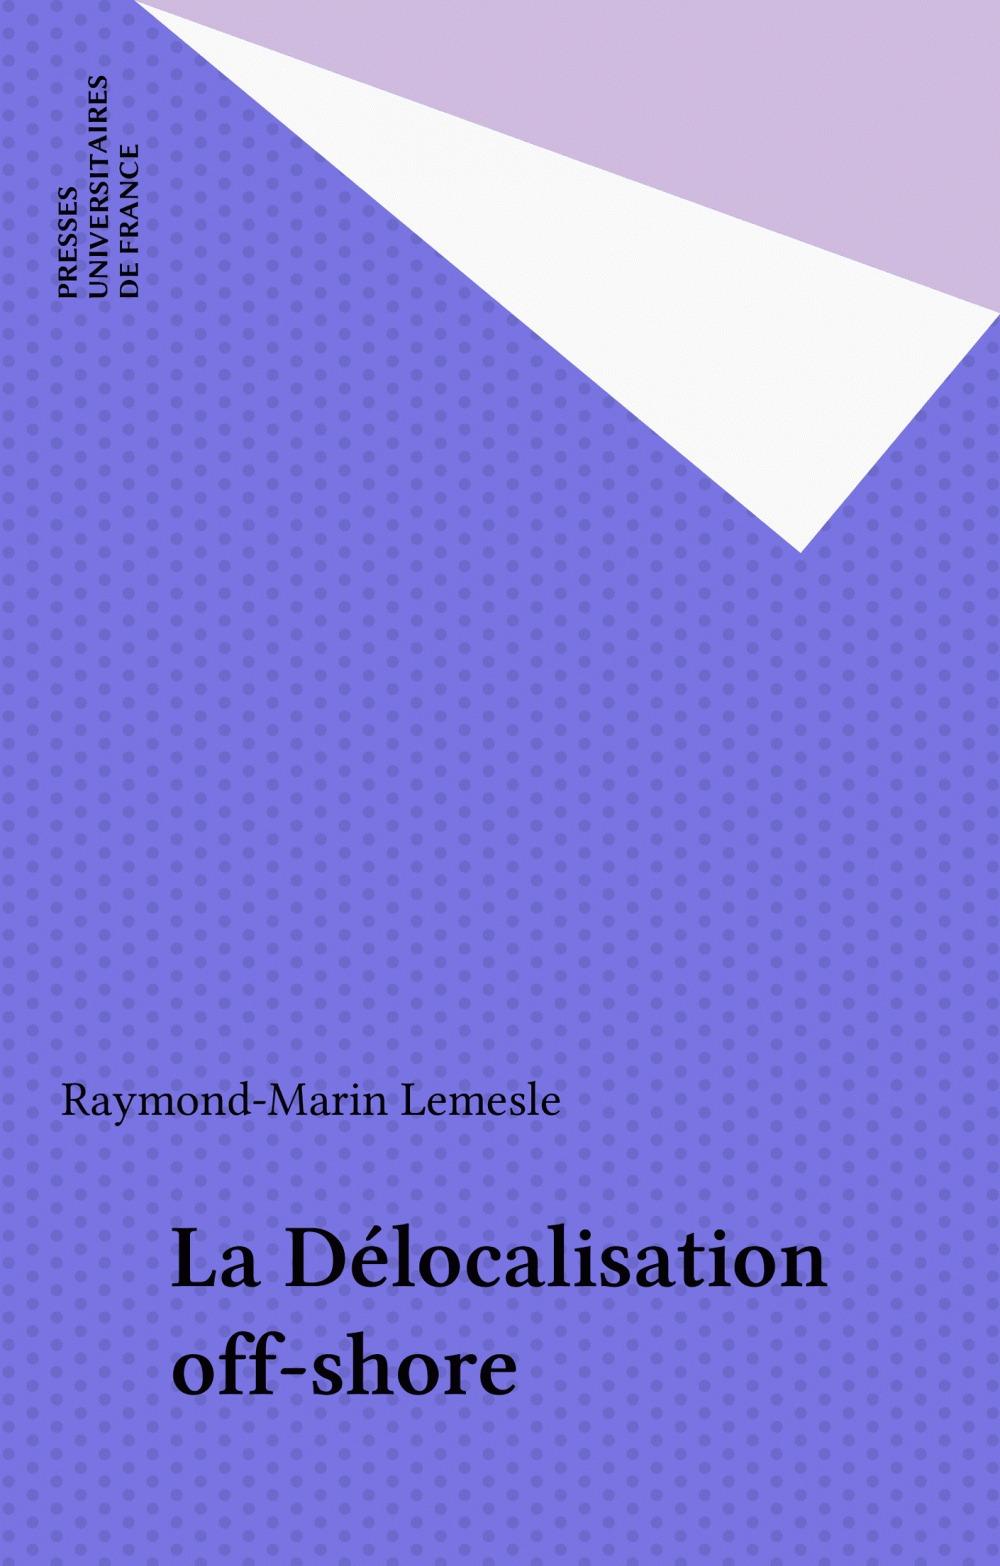 La Délocalisation off-shore